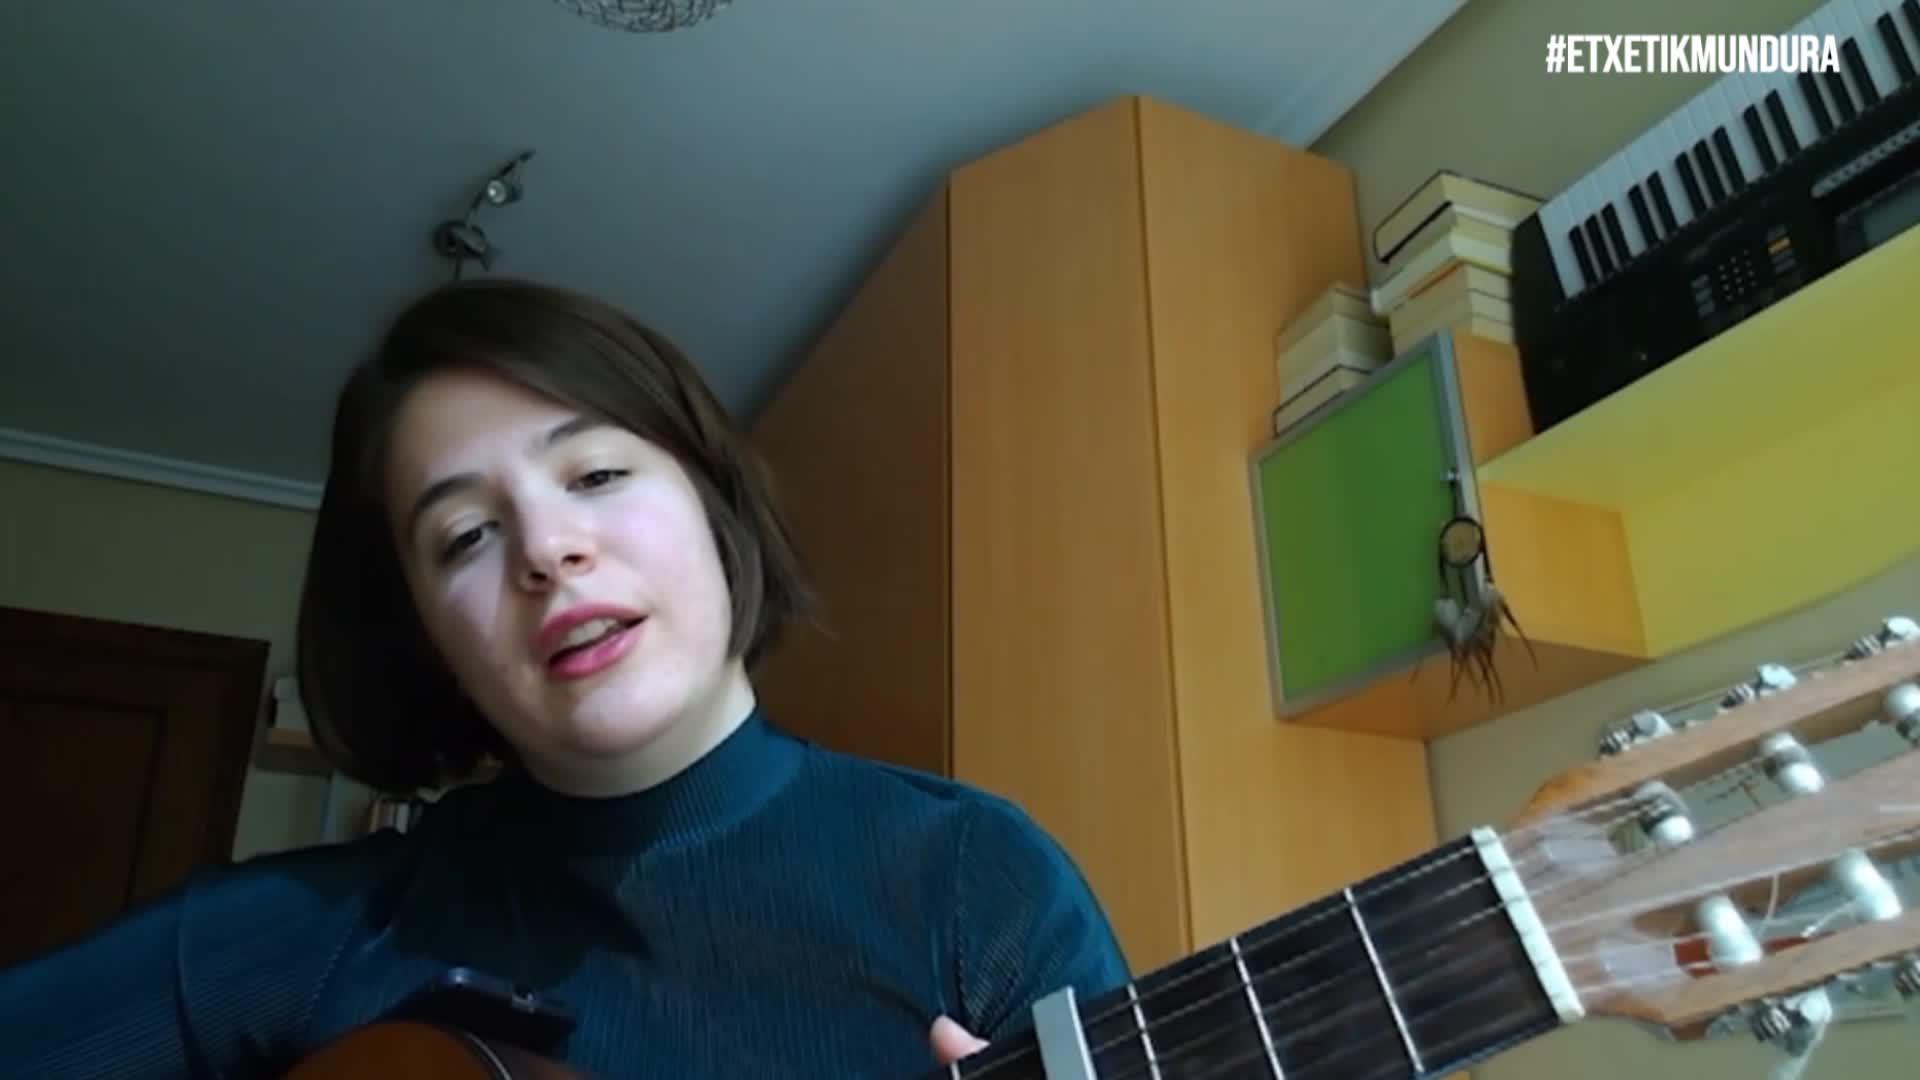 Ane Erkizia musikaria, etxetik mundura